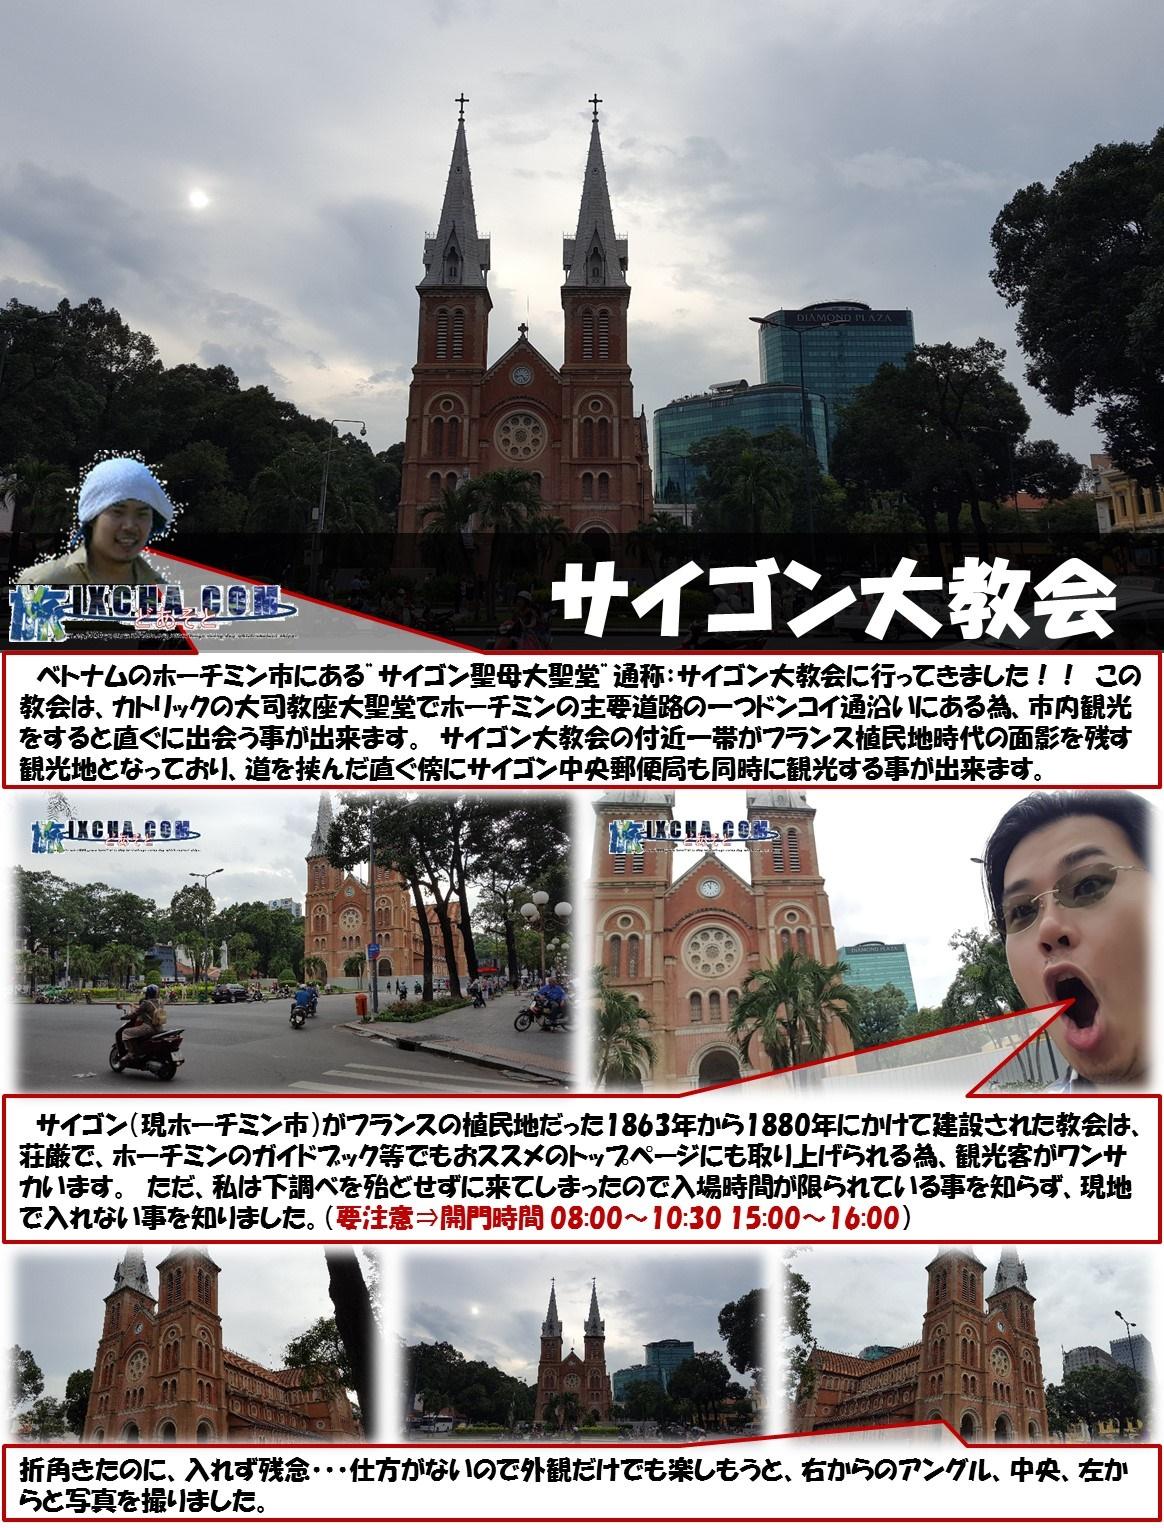 """サイゴン大教会 ベトナムのホーチミン市にある""""サイゴン聖母大聖堂""""通称:サイゴン大教会に行ってきました!! この教会は、カトリックの大司教座大聖堂でホーチミンの主要道路の一つドンコイ通沿いにある為、市内観光をすると直ぐに出会う事が出来ます。 サイゴン大教会の付近一帯がフランス植民地時代の面影を残す観光地となっており、道を挟んだ直ぐ傍にサイゴン中央郵便局も同時に観光する事が出来ます。 サイゴン(現ホーチミン市)がフランスの植民地だった1863年から1880年にかけて建設された教会は、荘厳で、ホーチミンのガイドブック等でもおススメのトップページにも取り上げられる為、観光客がワンサカいます。 ただ、私は下調べを殆どせずに来てしまったので入場時間が限られている事を知らず、現地で入れない事を知りました。(要注意⇒開門時間 08:00~10:30 15:00~16:00) 折角きたのに、入れず残念・・・仕方がないので外観だけでも楽しもうと、右からのアングル、中央、左からと写真を撮りました。"""